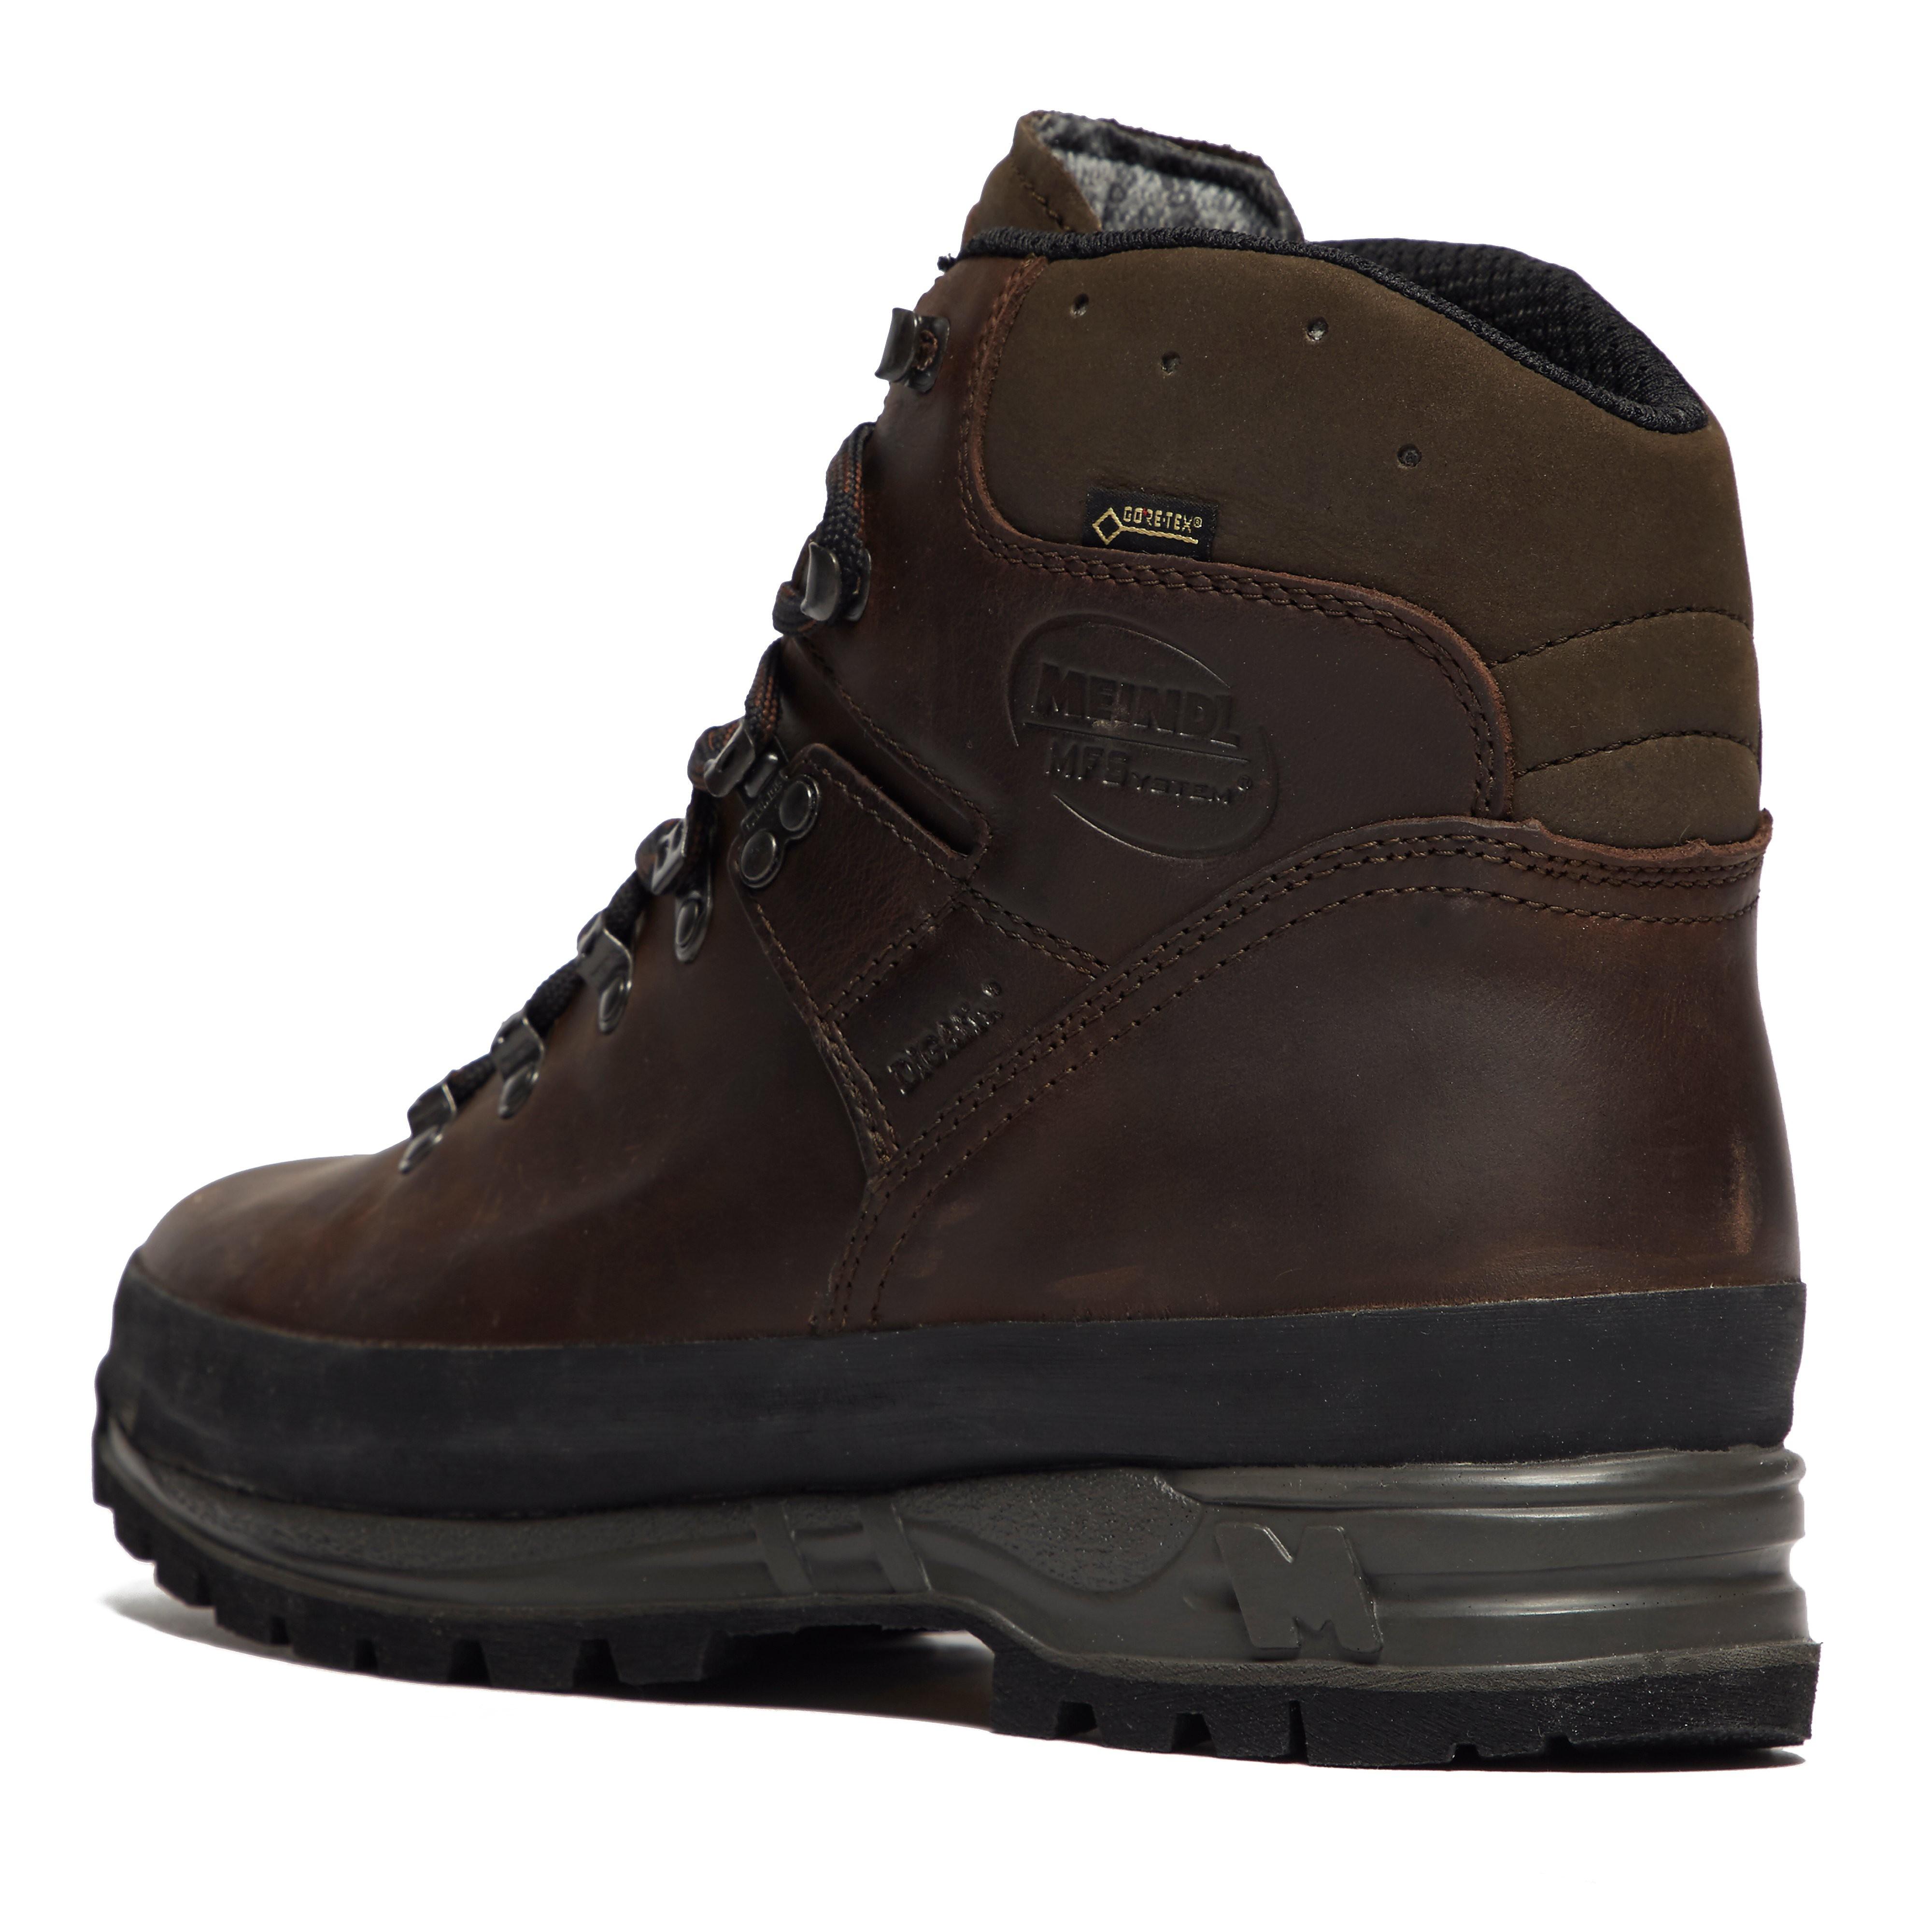 Meindl Burma Pro MFS Men's Walking Boots